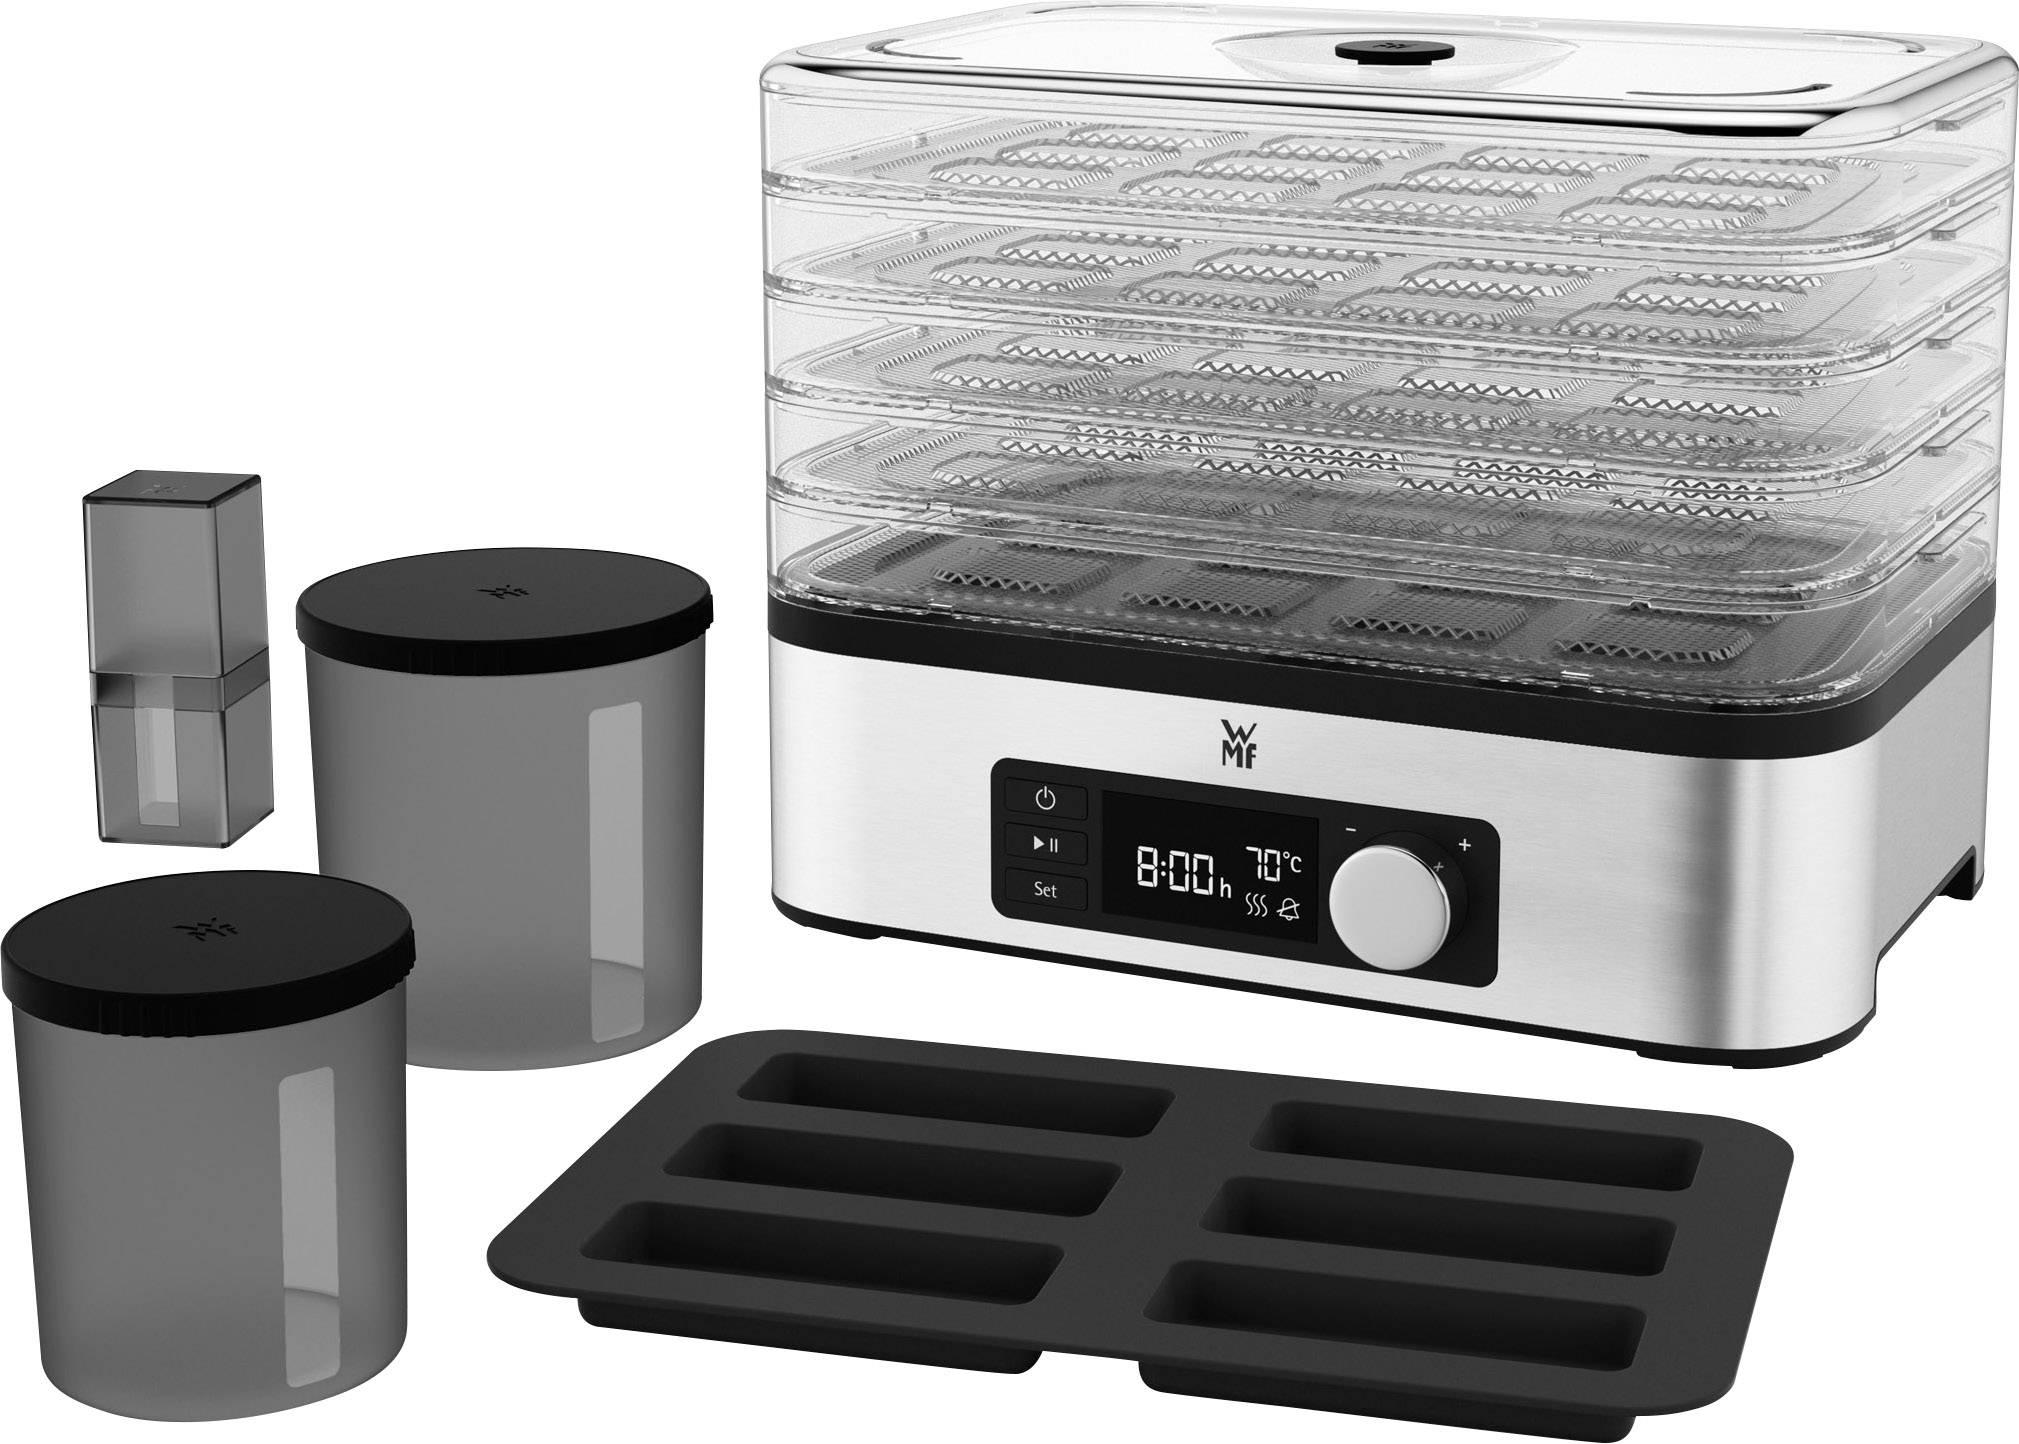 Wmf Küchenminis Elektrogrill : Wmf shop online kaufen bei conrad